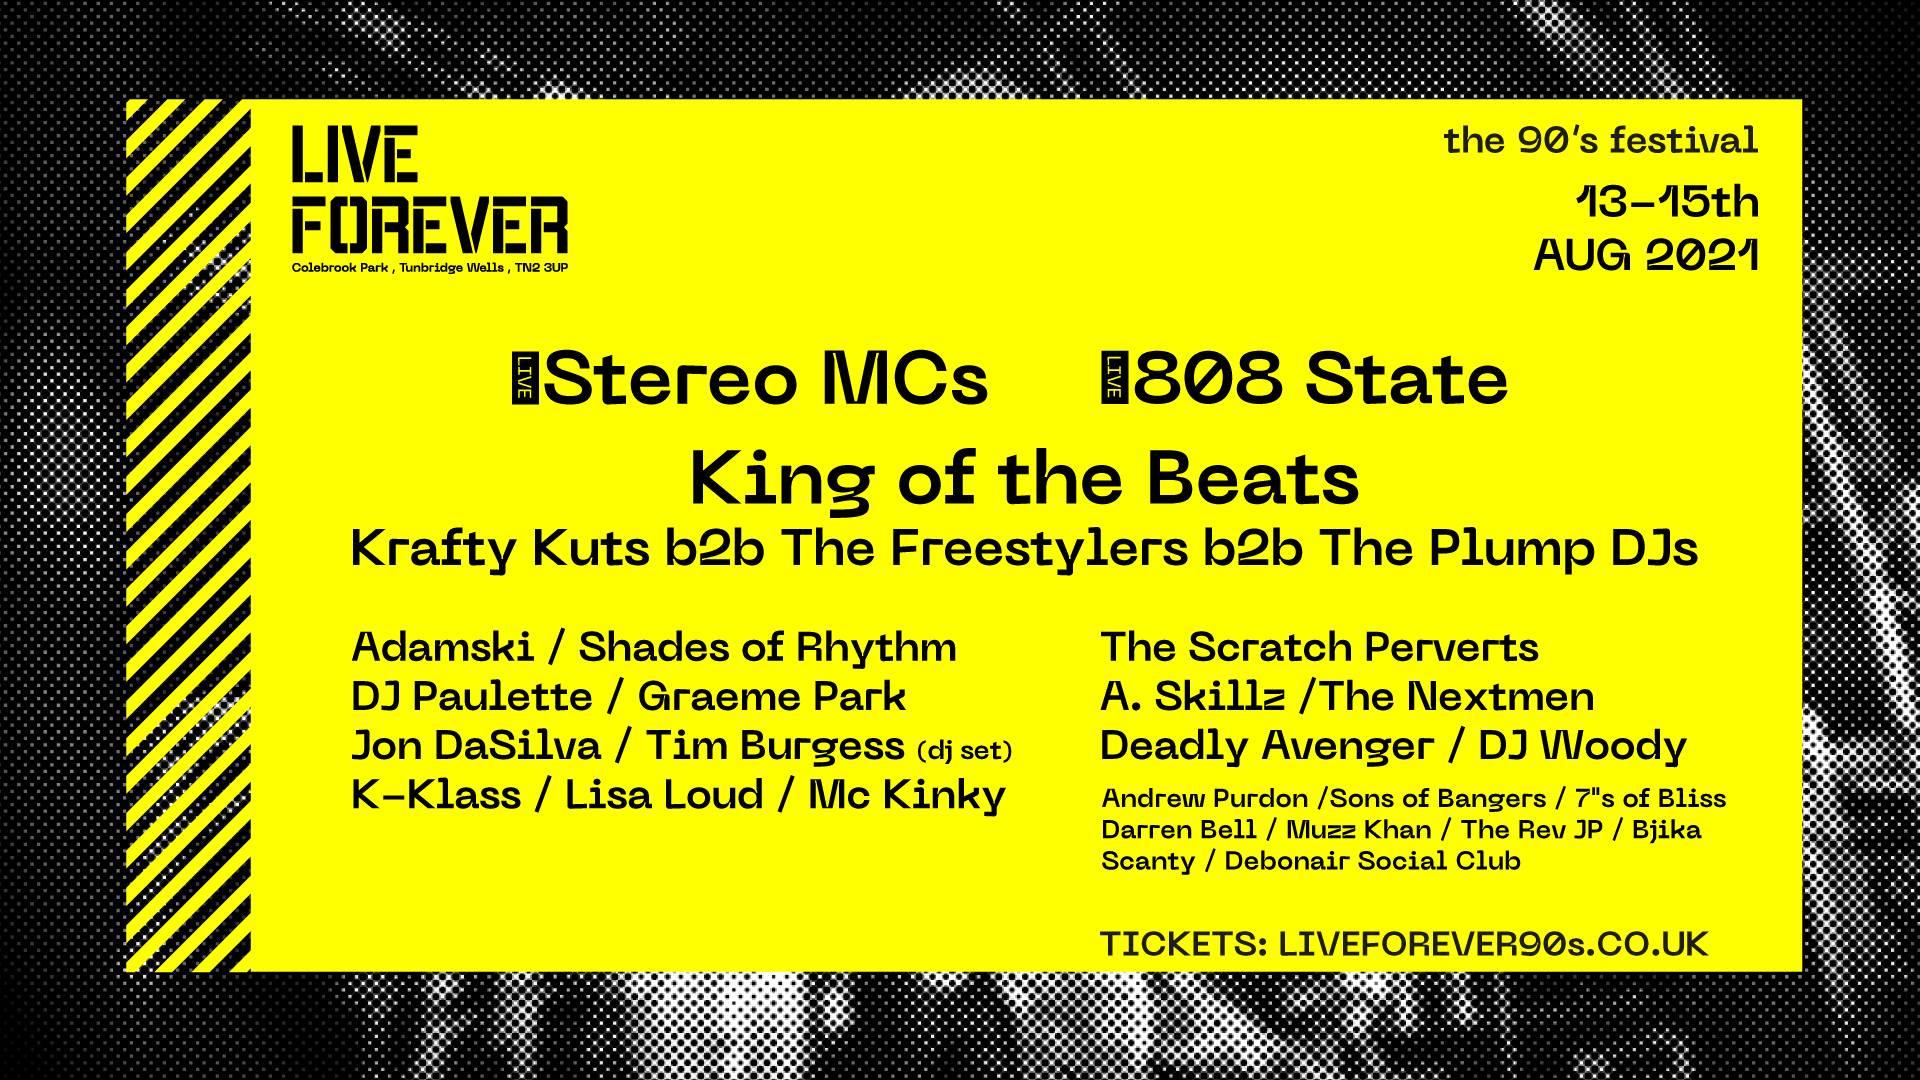 Live Forever 90s Festival